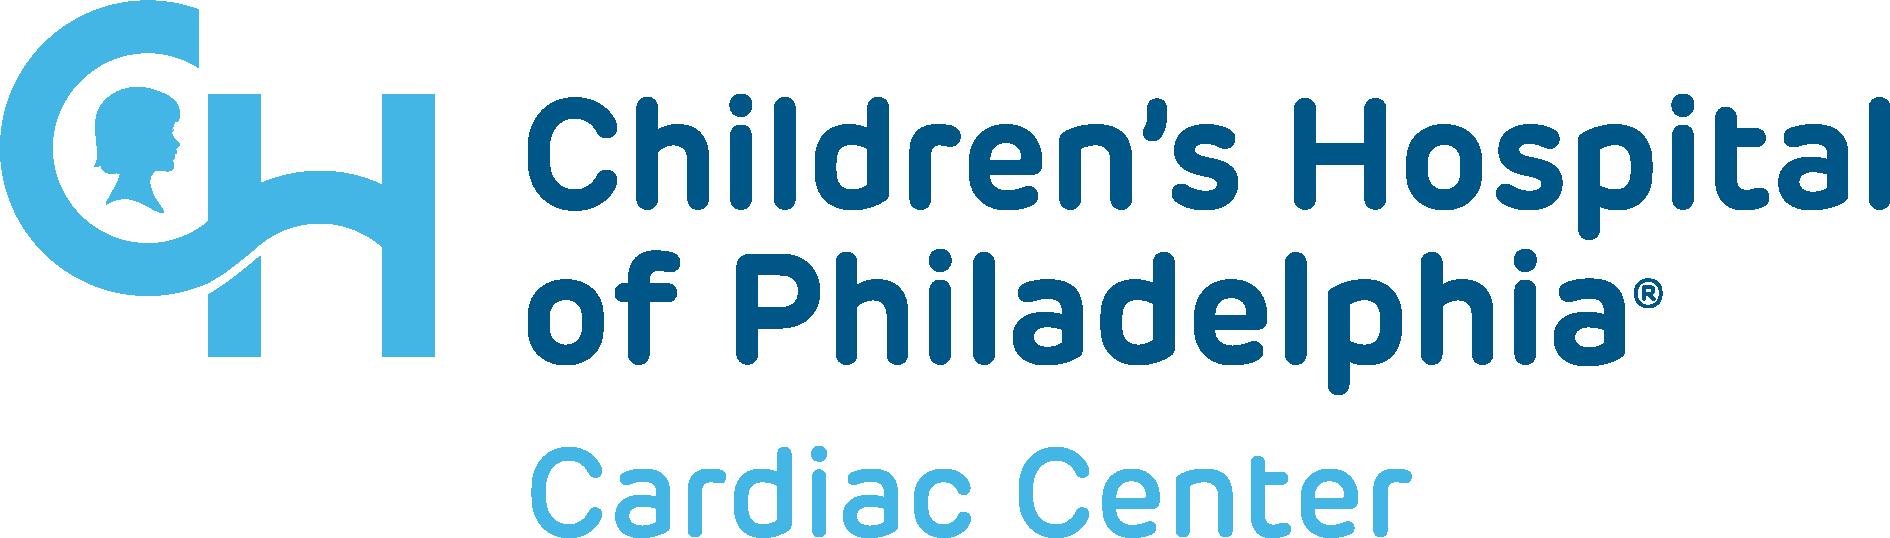 Children's Hospital of Philadelphia Cardiac Center